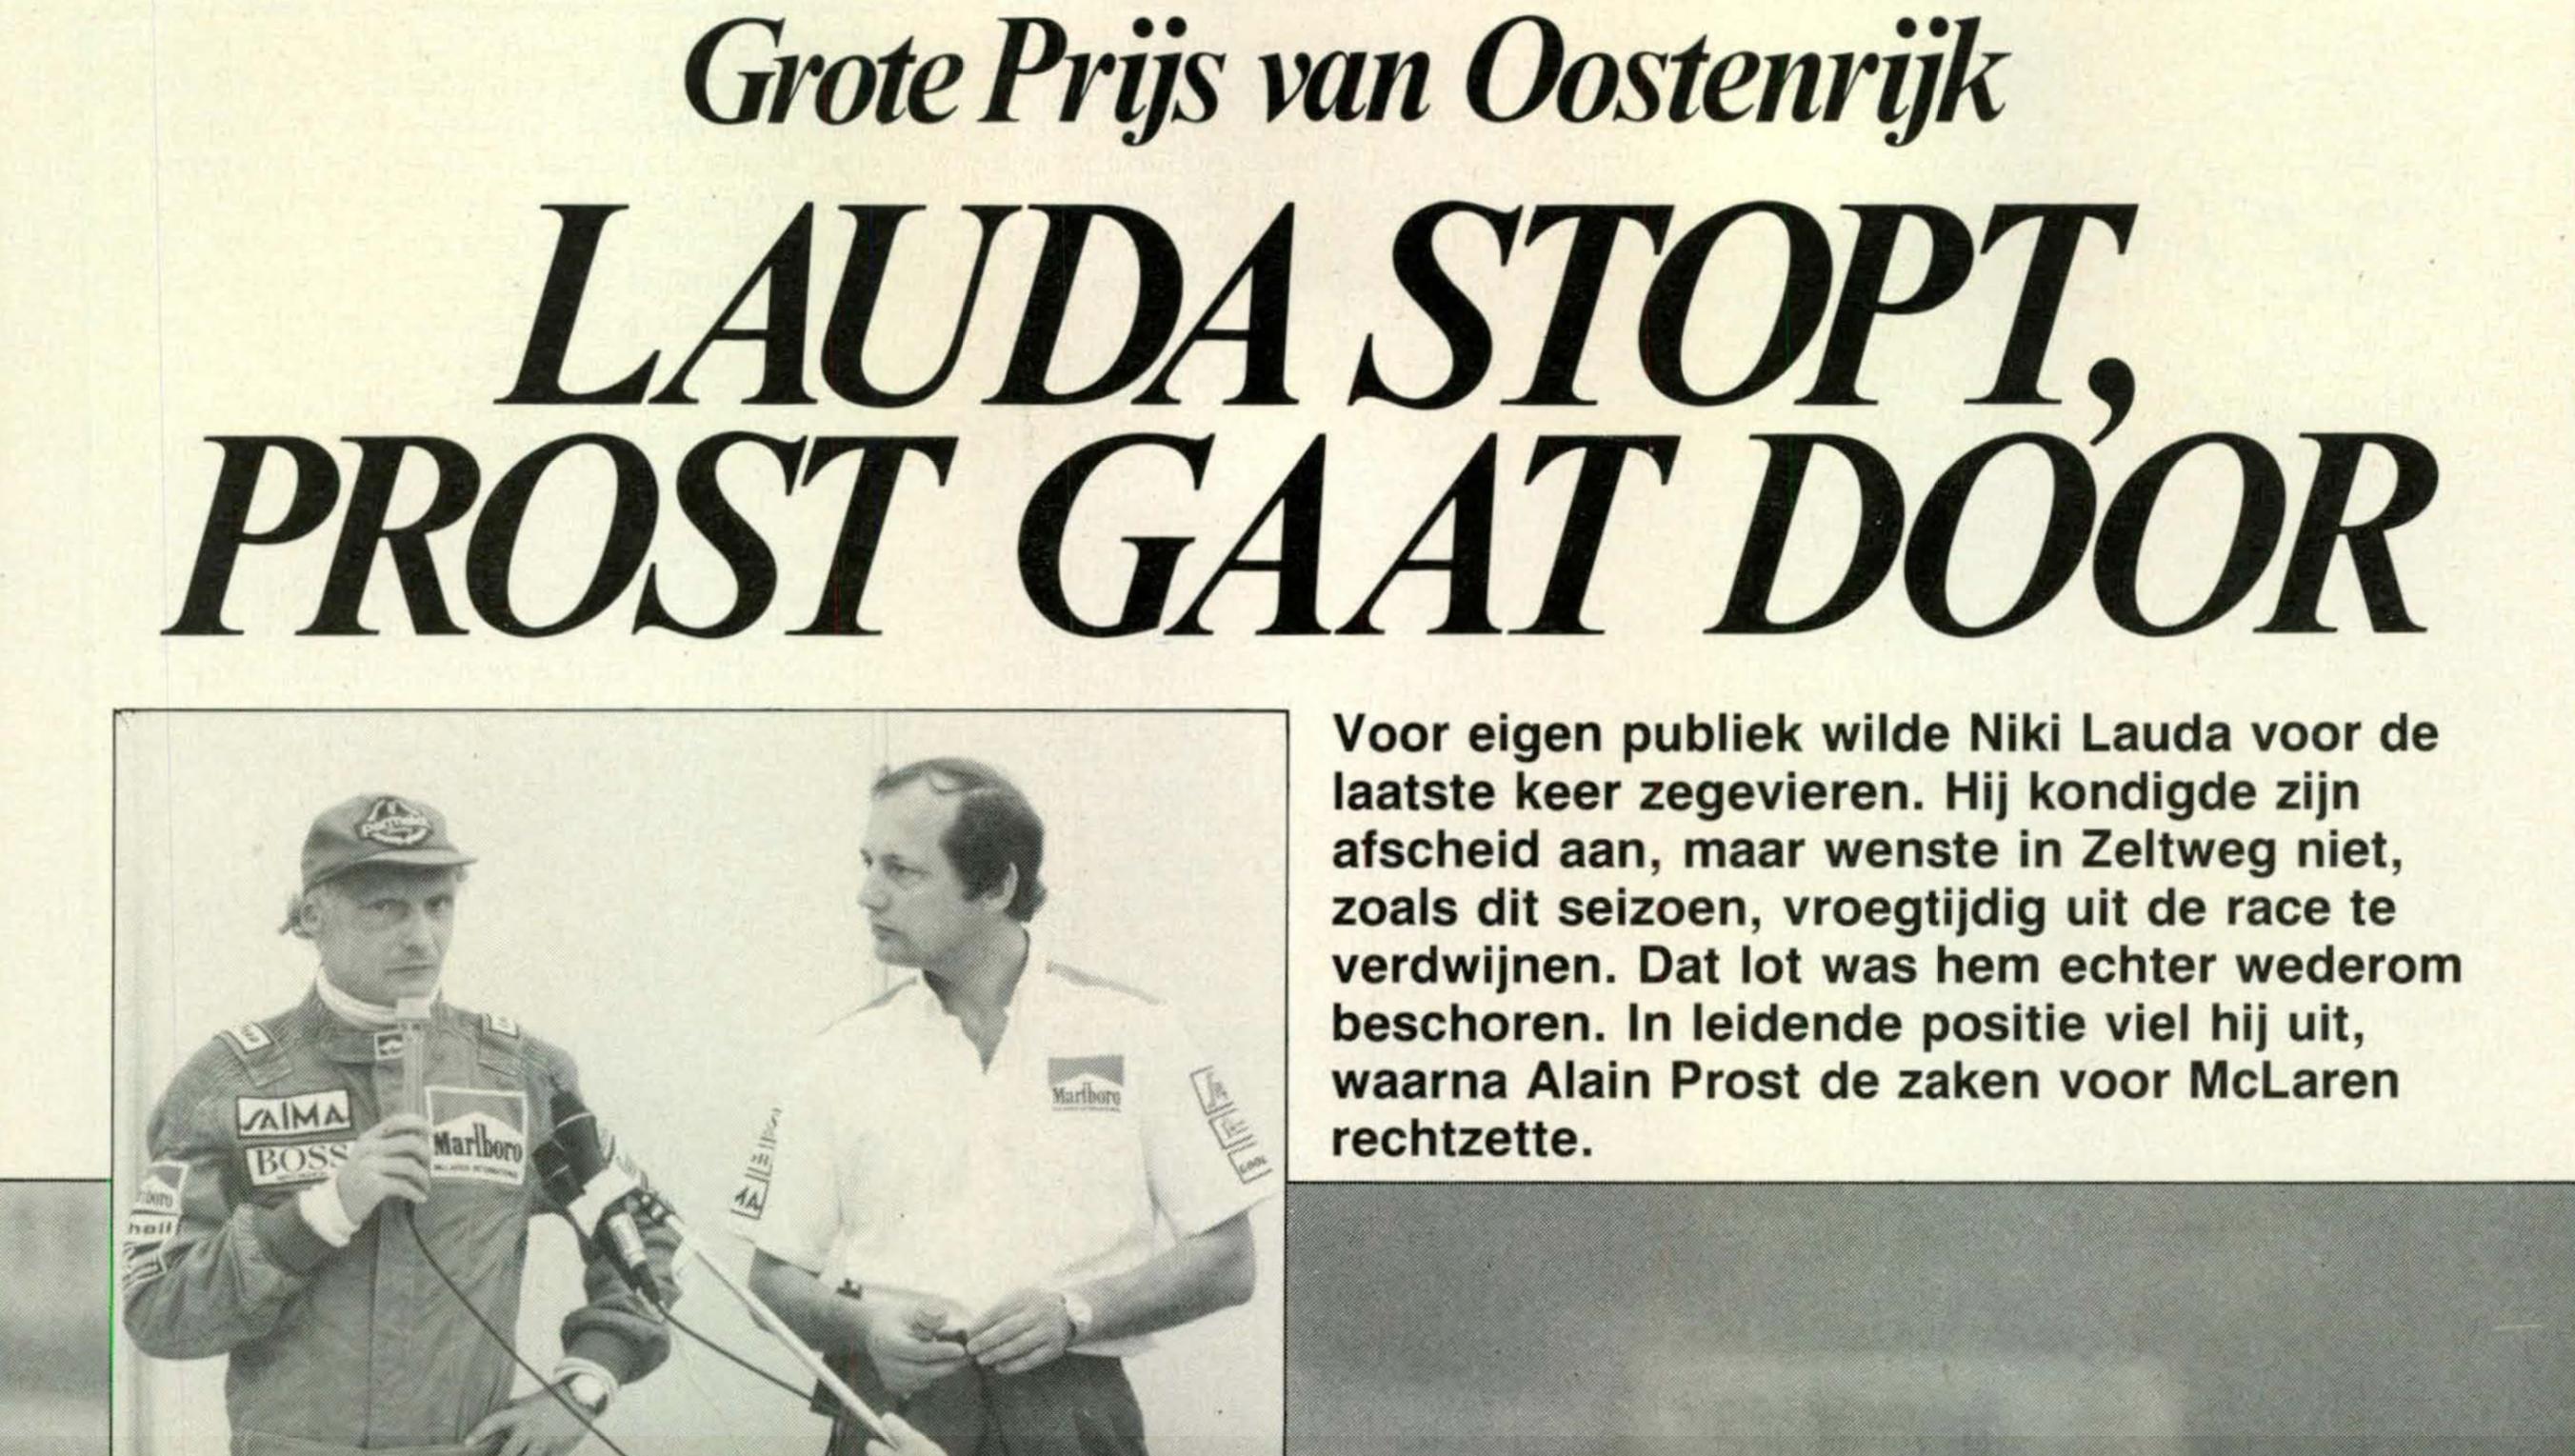 Lauda stopt Prost gaat door